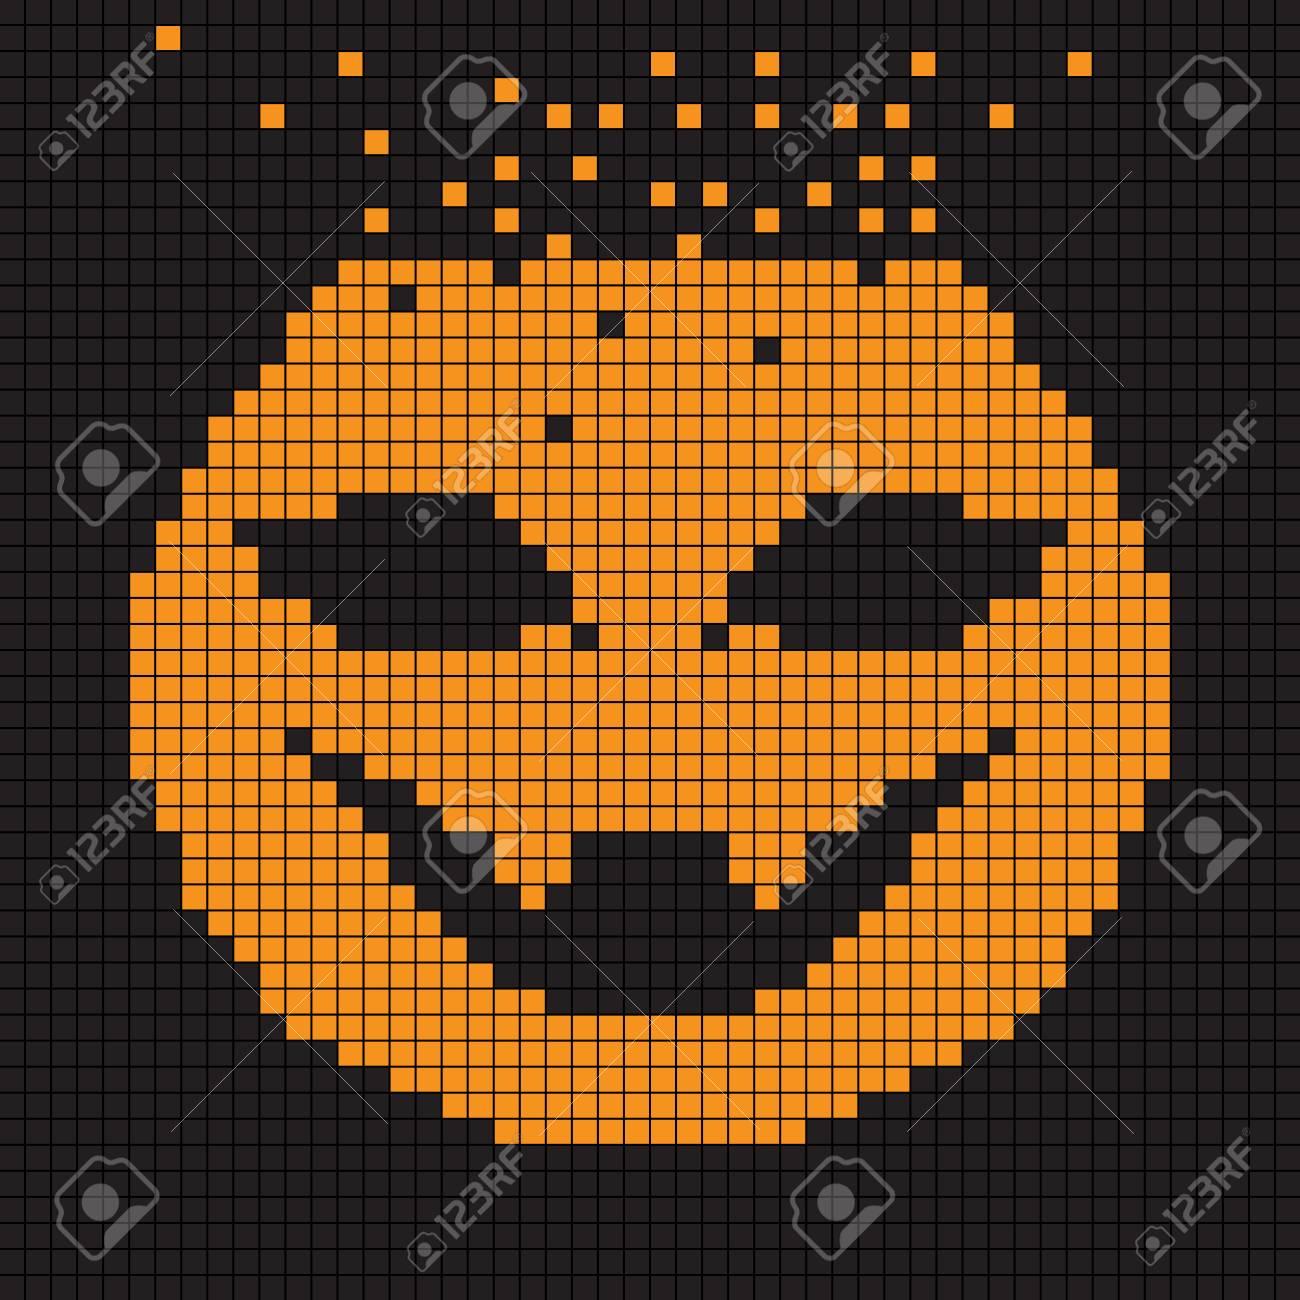 Carte De Voeux Halloween Illustration De Pixel Dune Composition De Tableau De Bord Avec Dessin Numérique Dune Tête De Citrouille